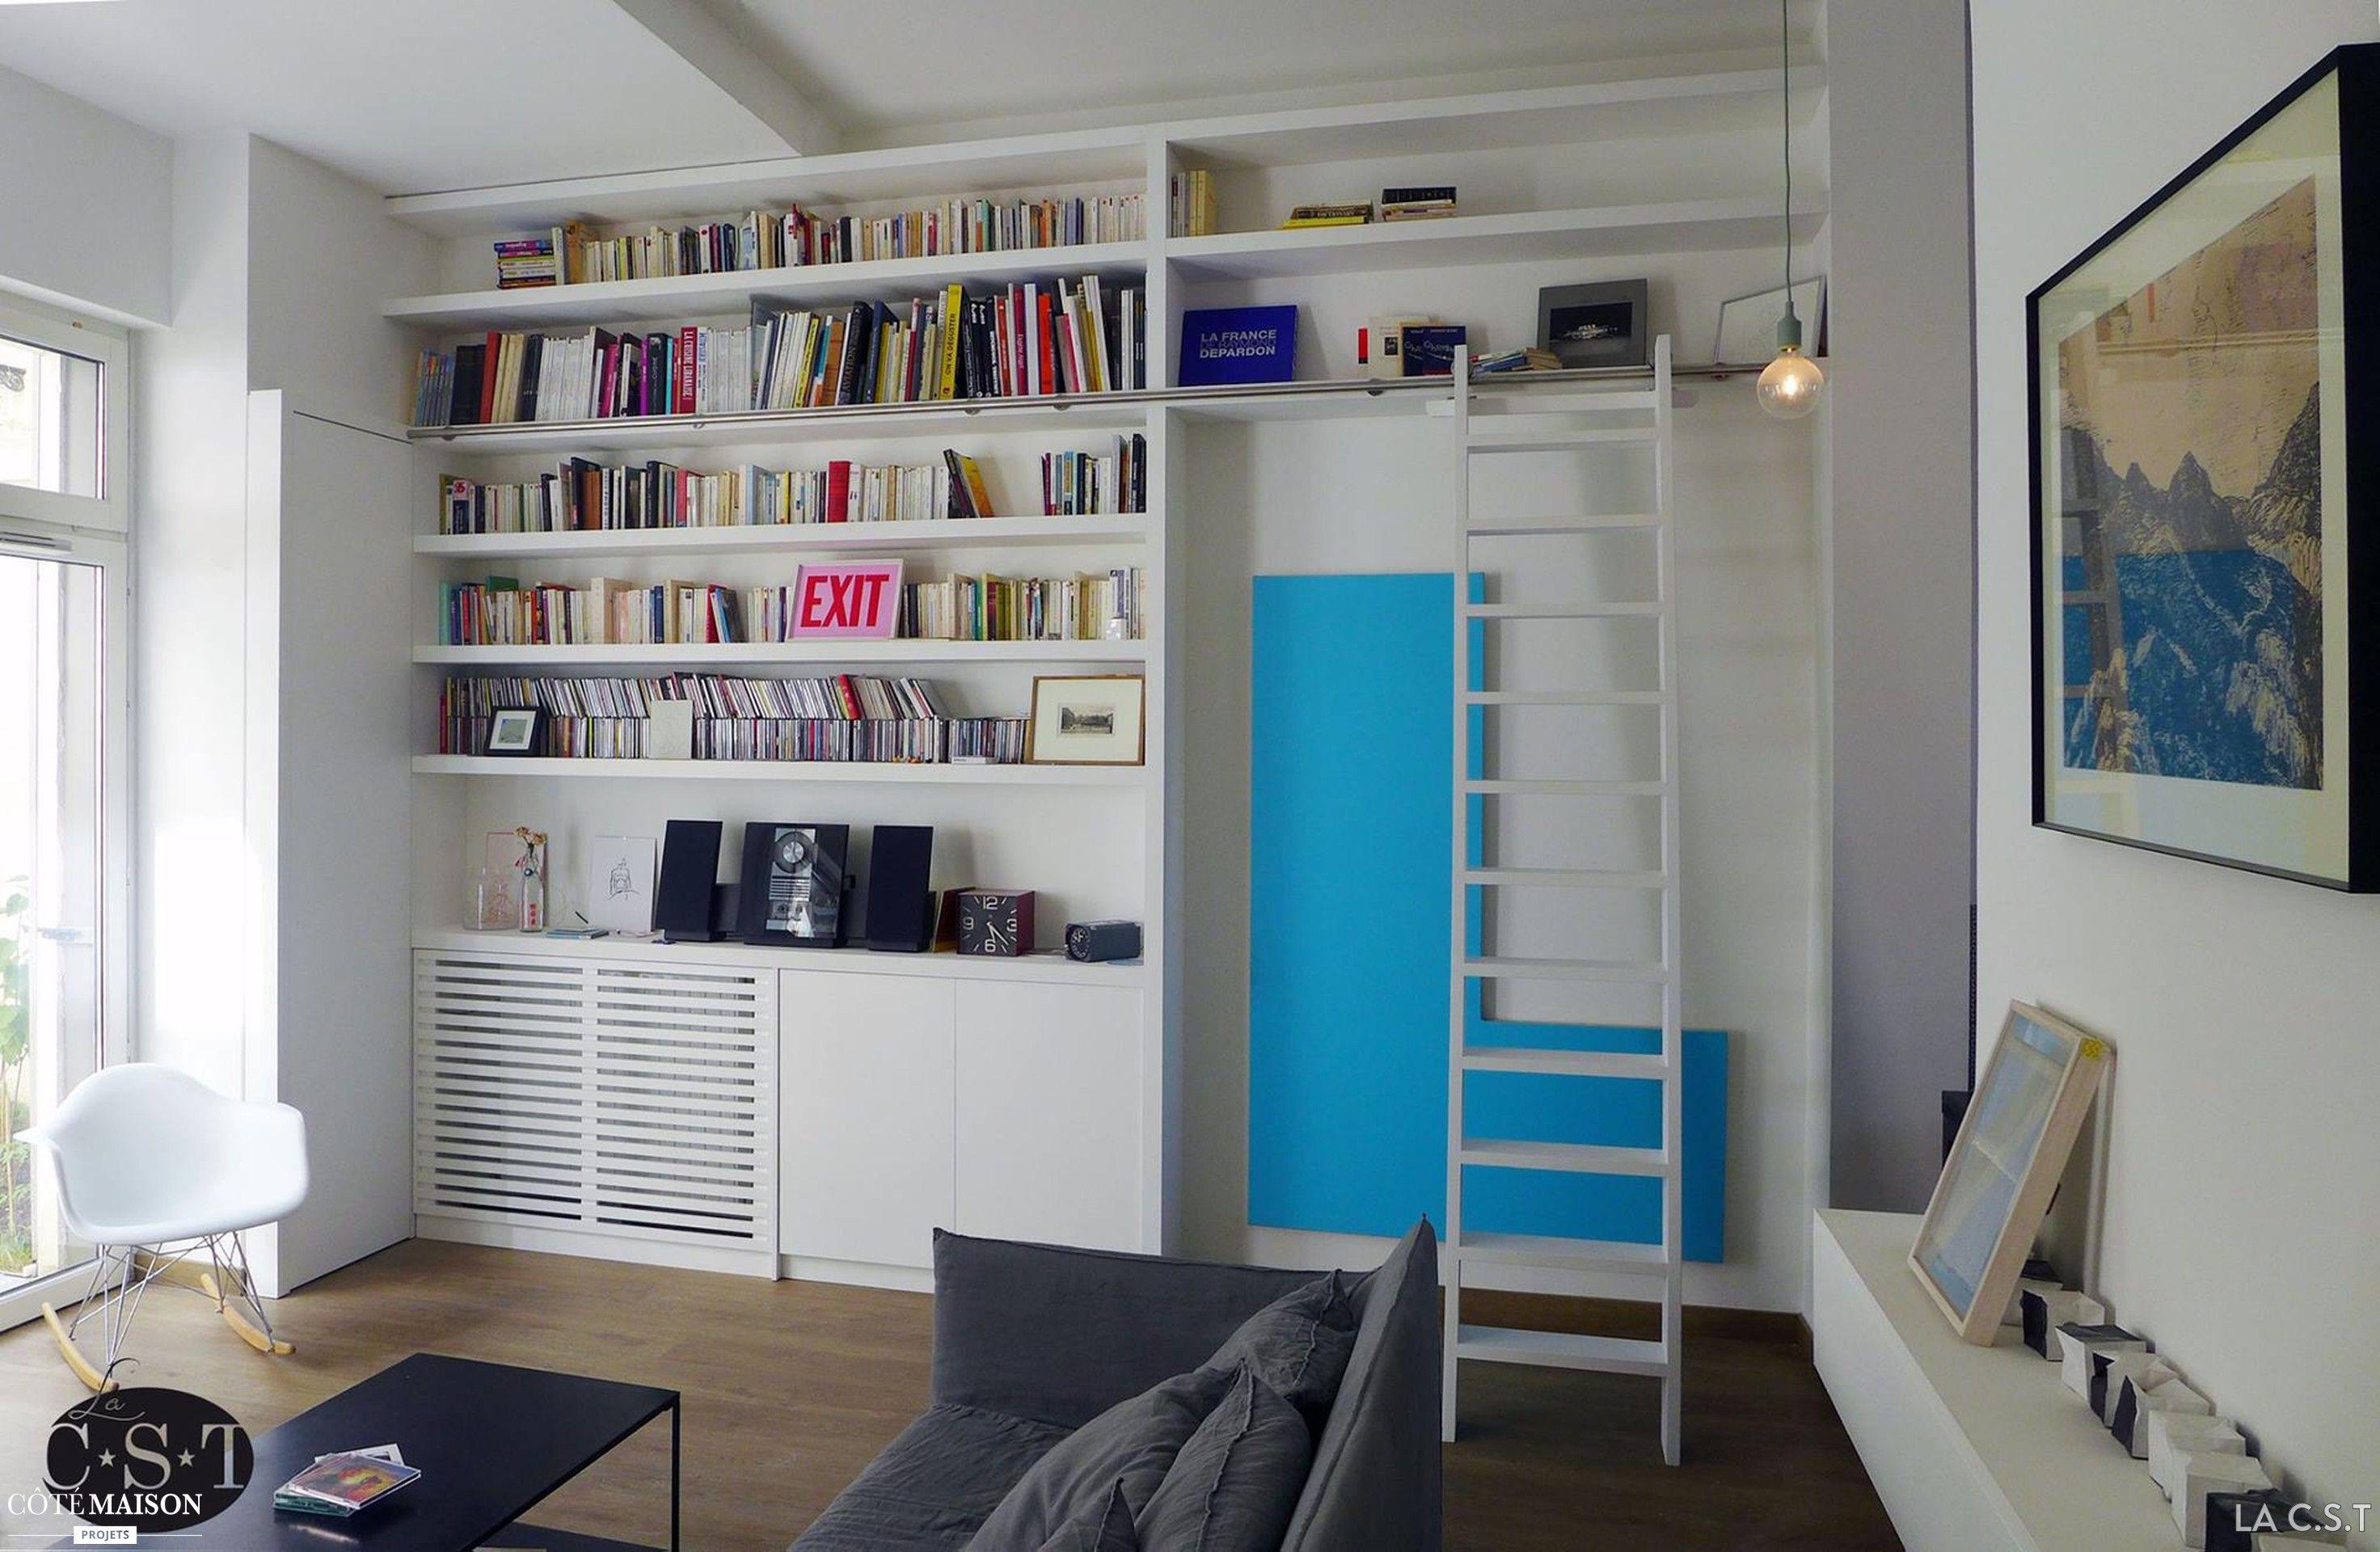 cette bibliothèque parait intégrée aux murs et remplit toutes les